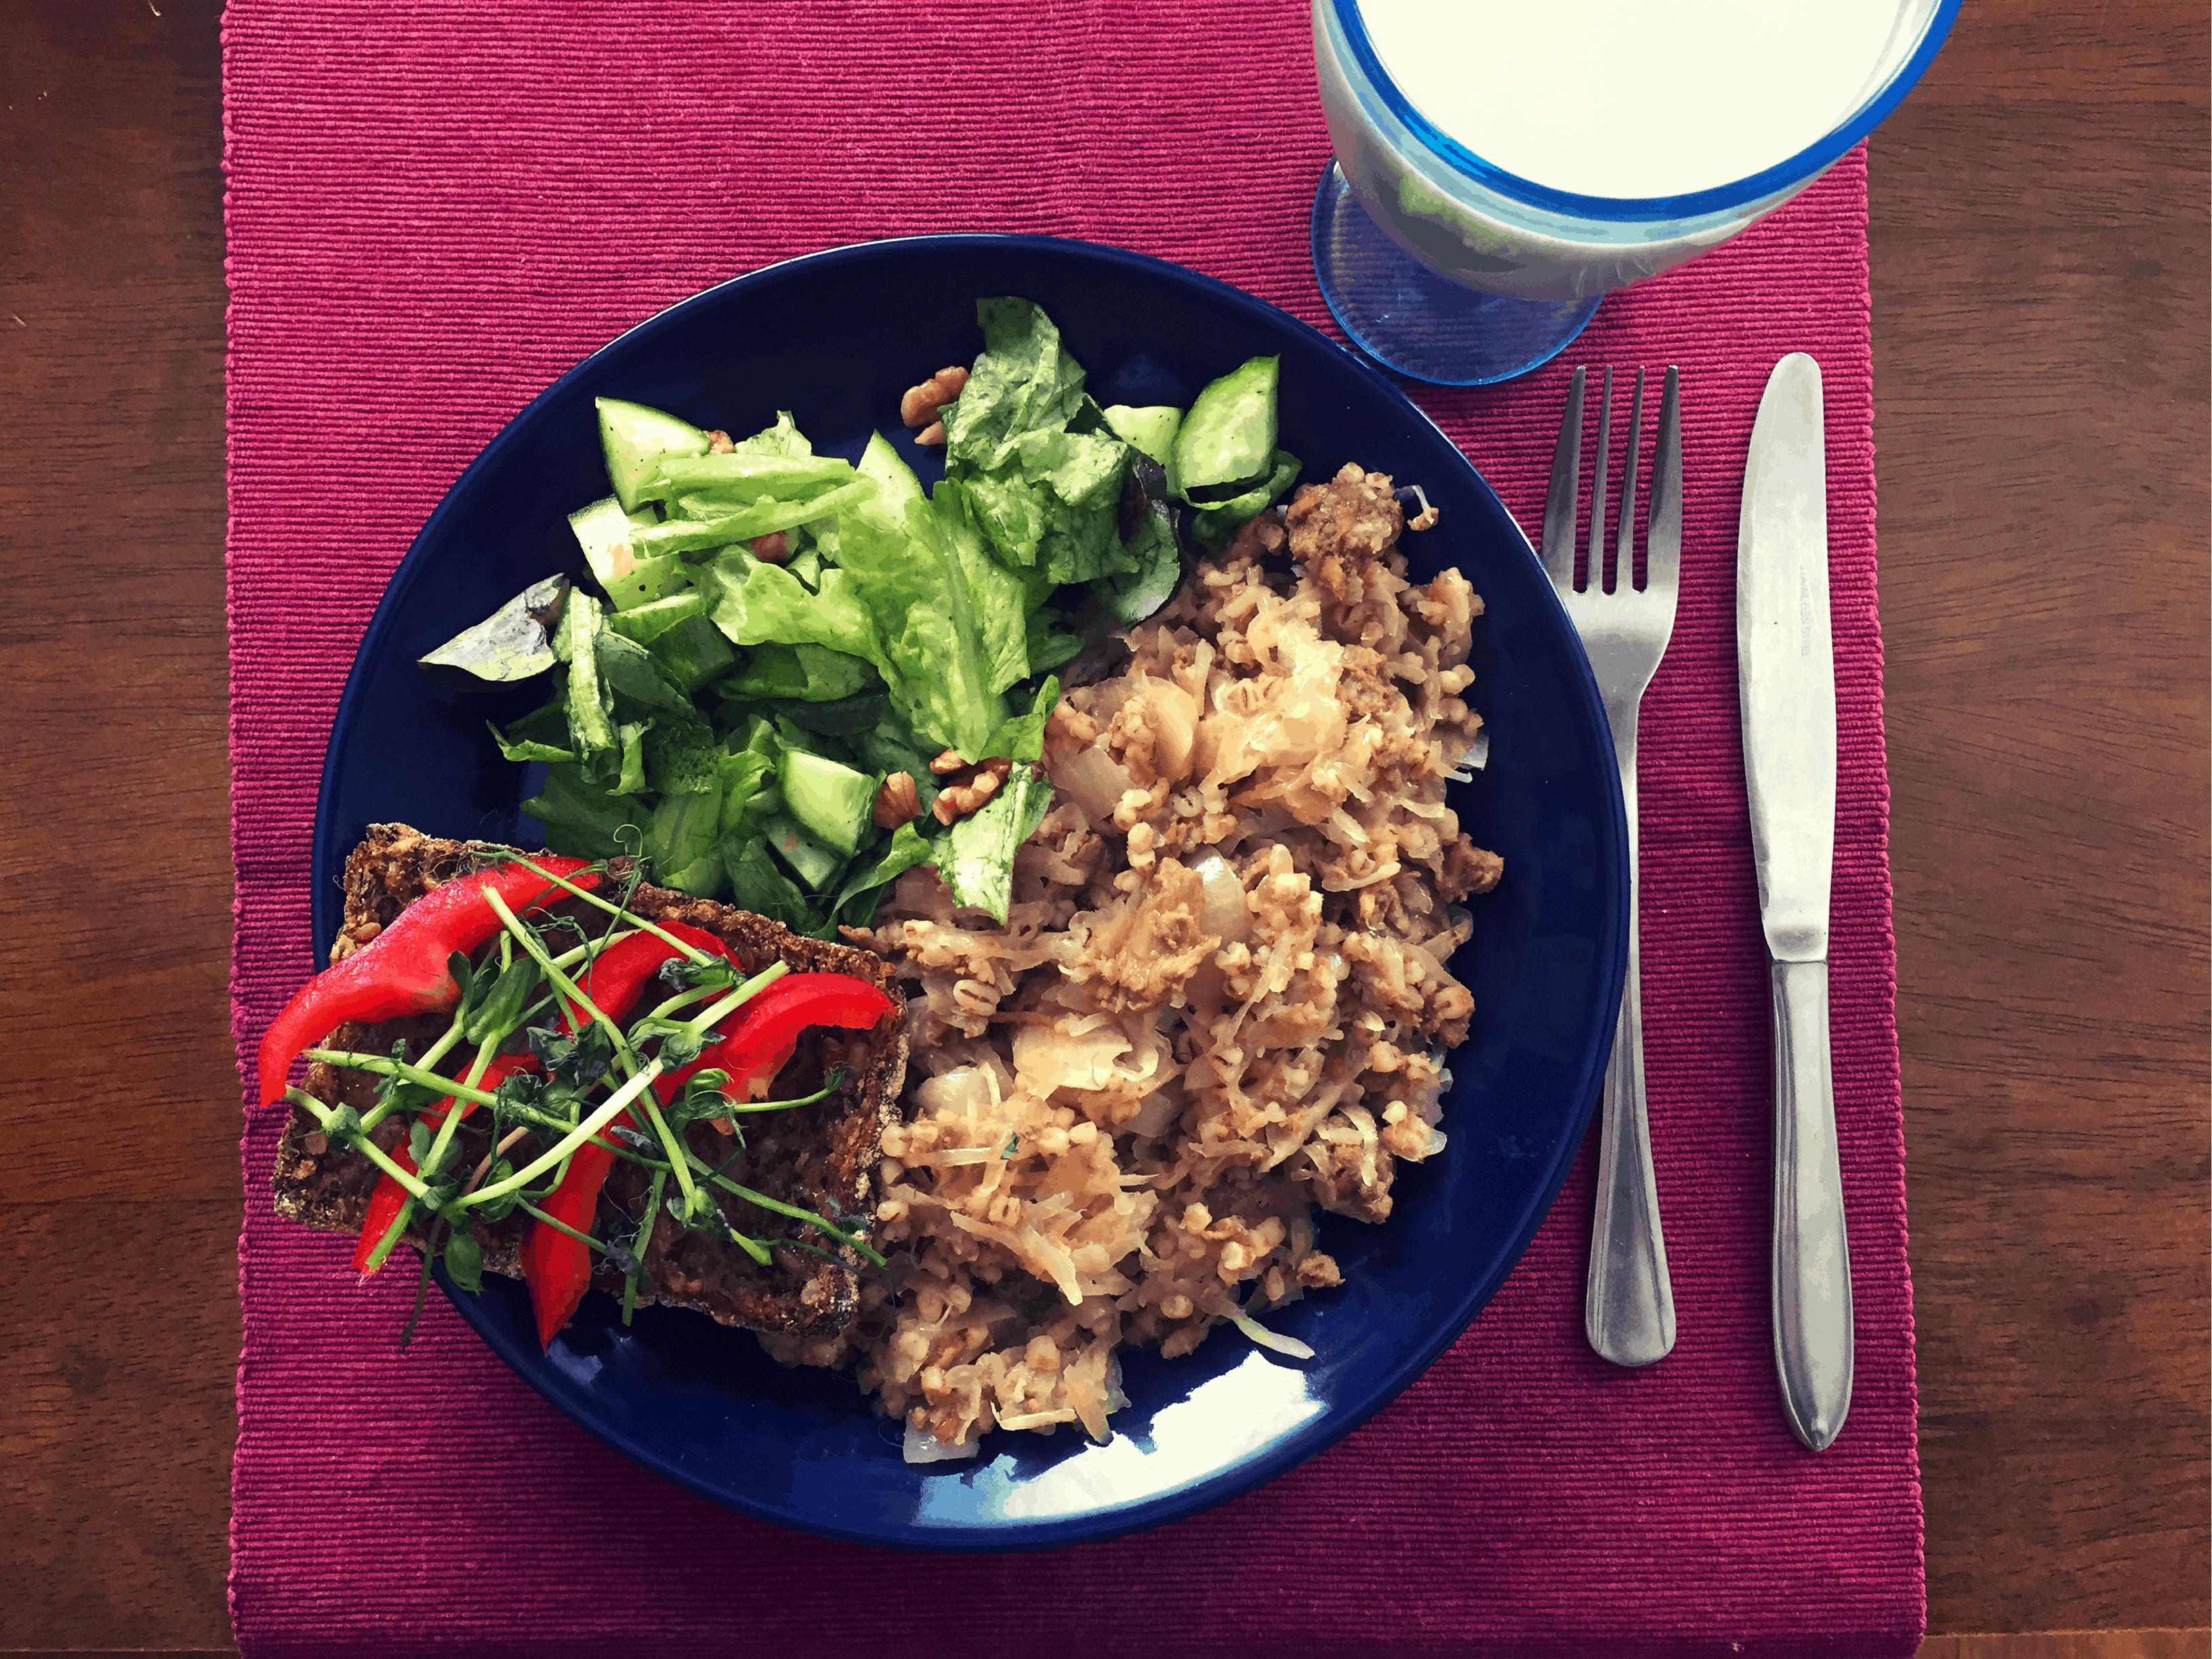 Mitä vegaani syö ja mistä hän saa proteiinia? – Vegaanin ruokapäiväkirja, osa 2